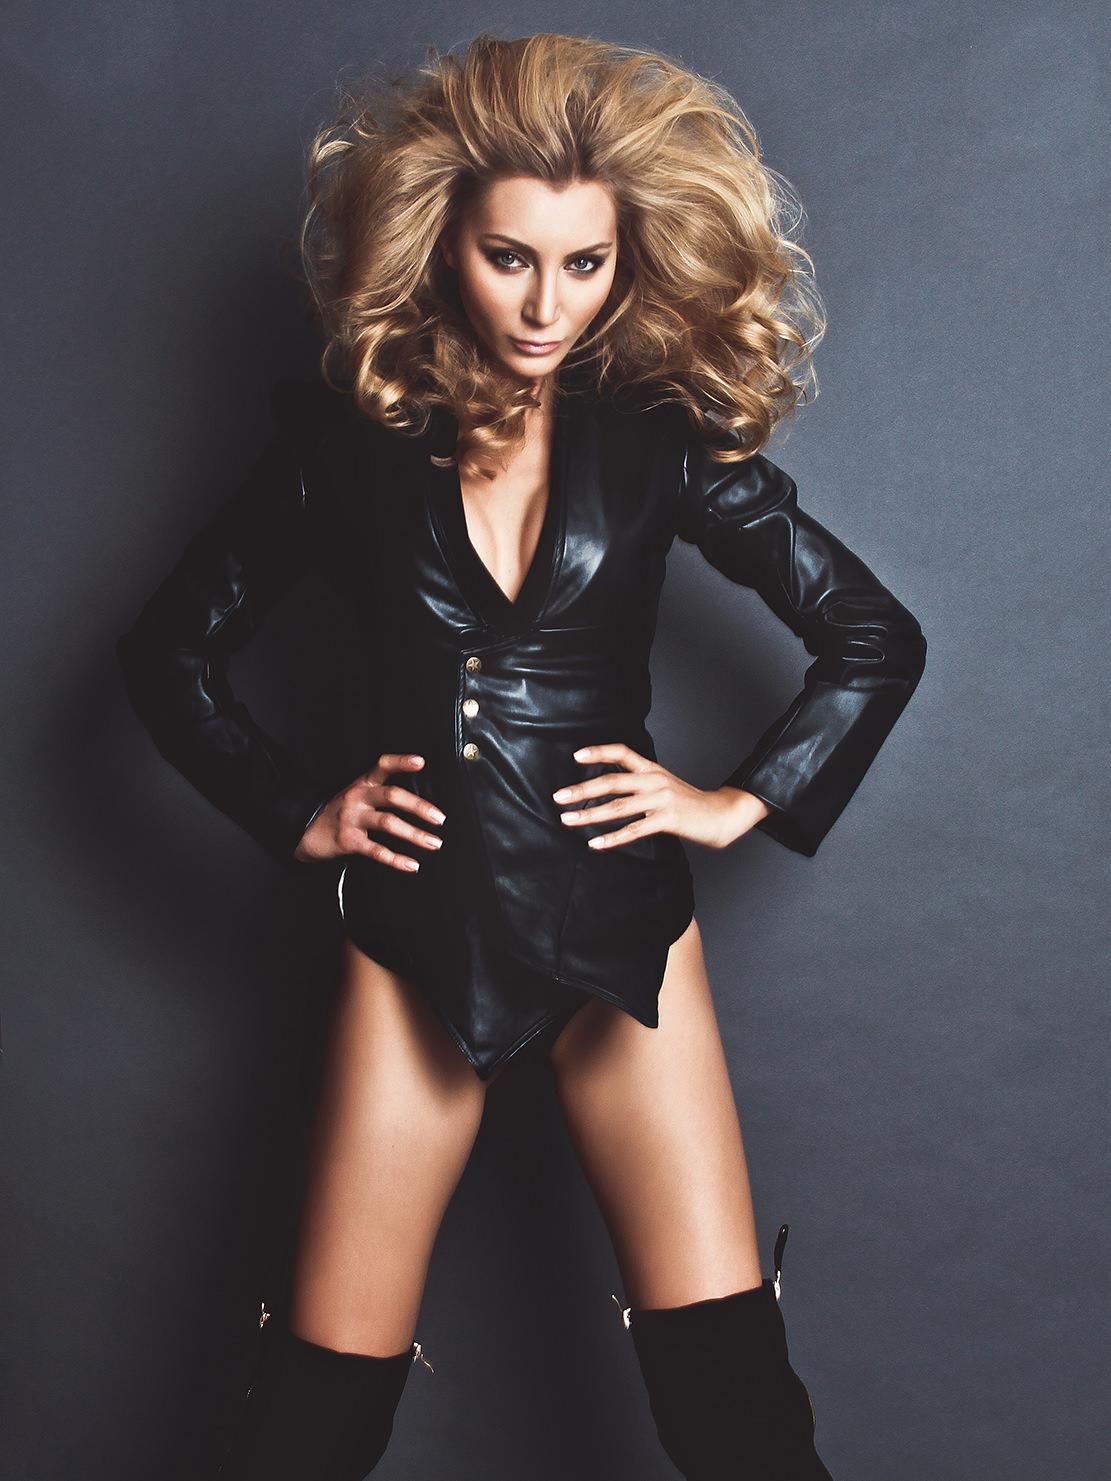 in-studio-woman-in-black-with-blond-hair.jpg